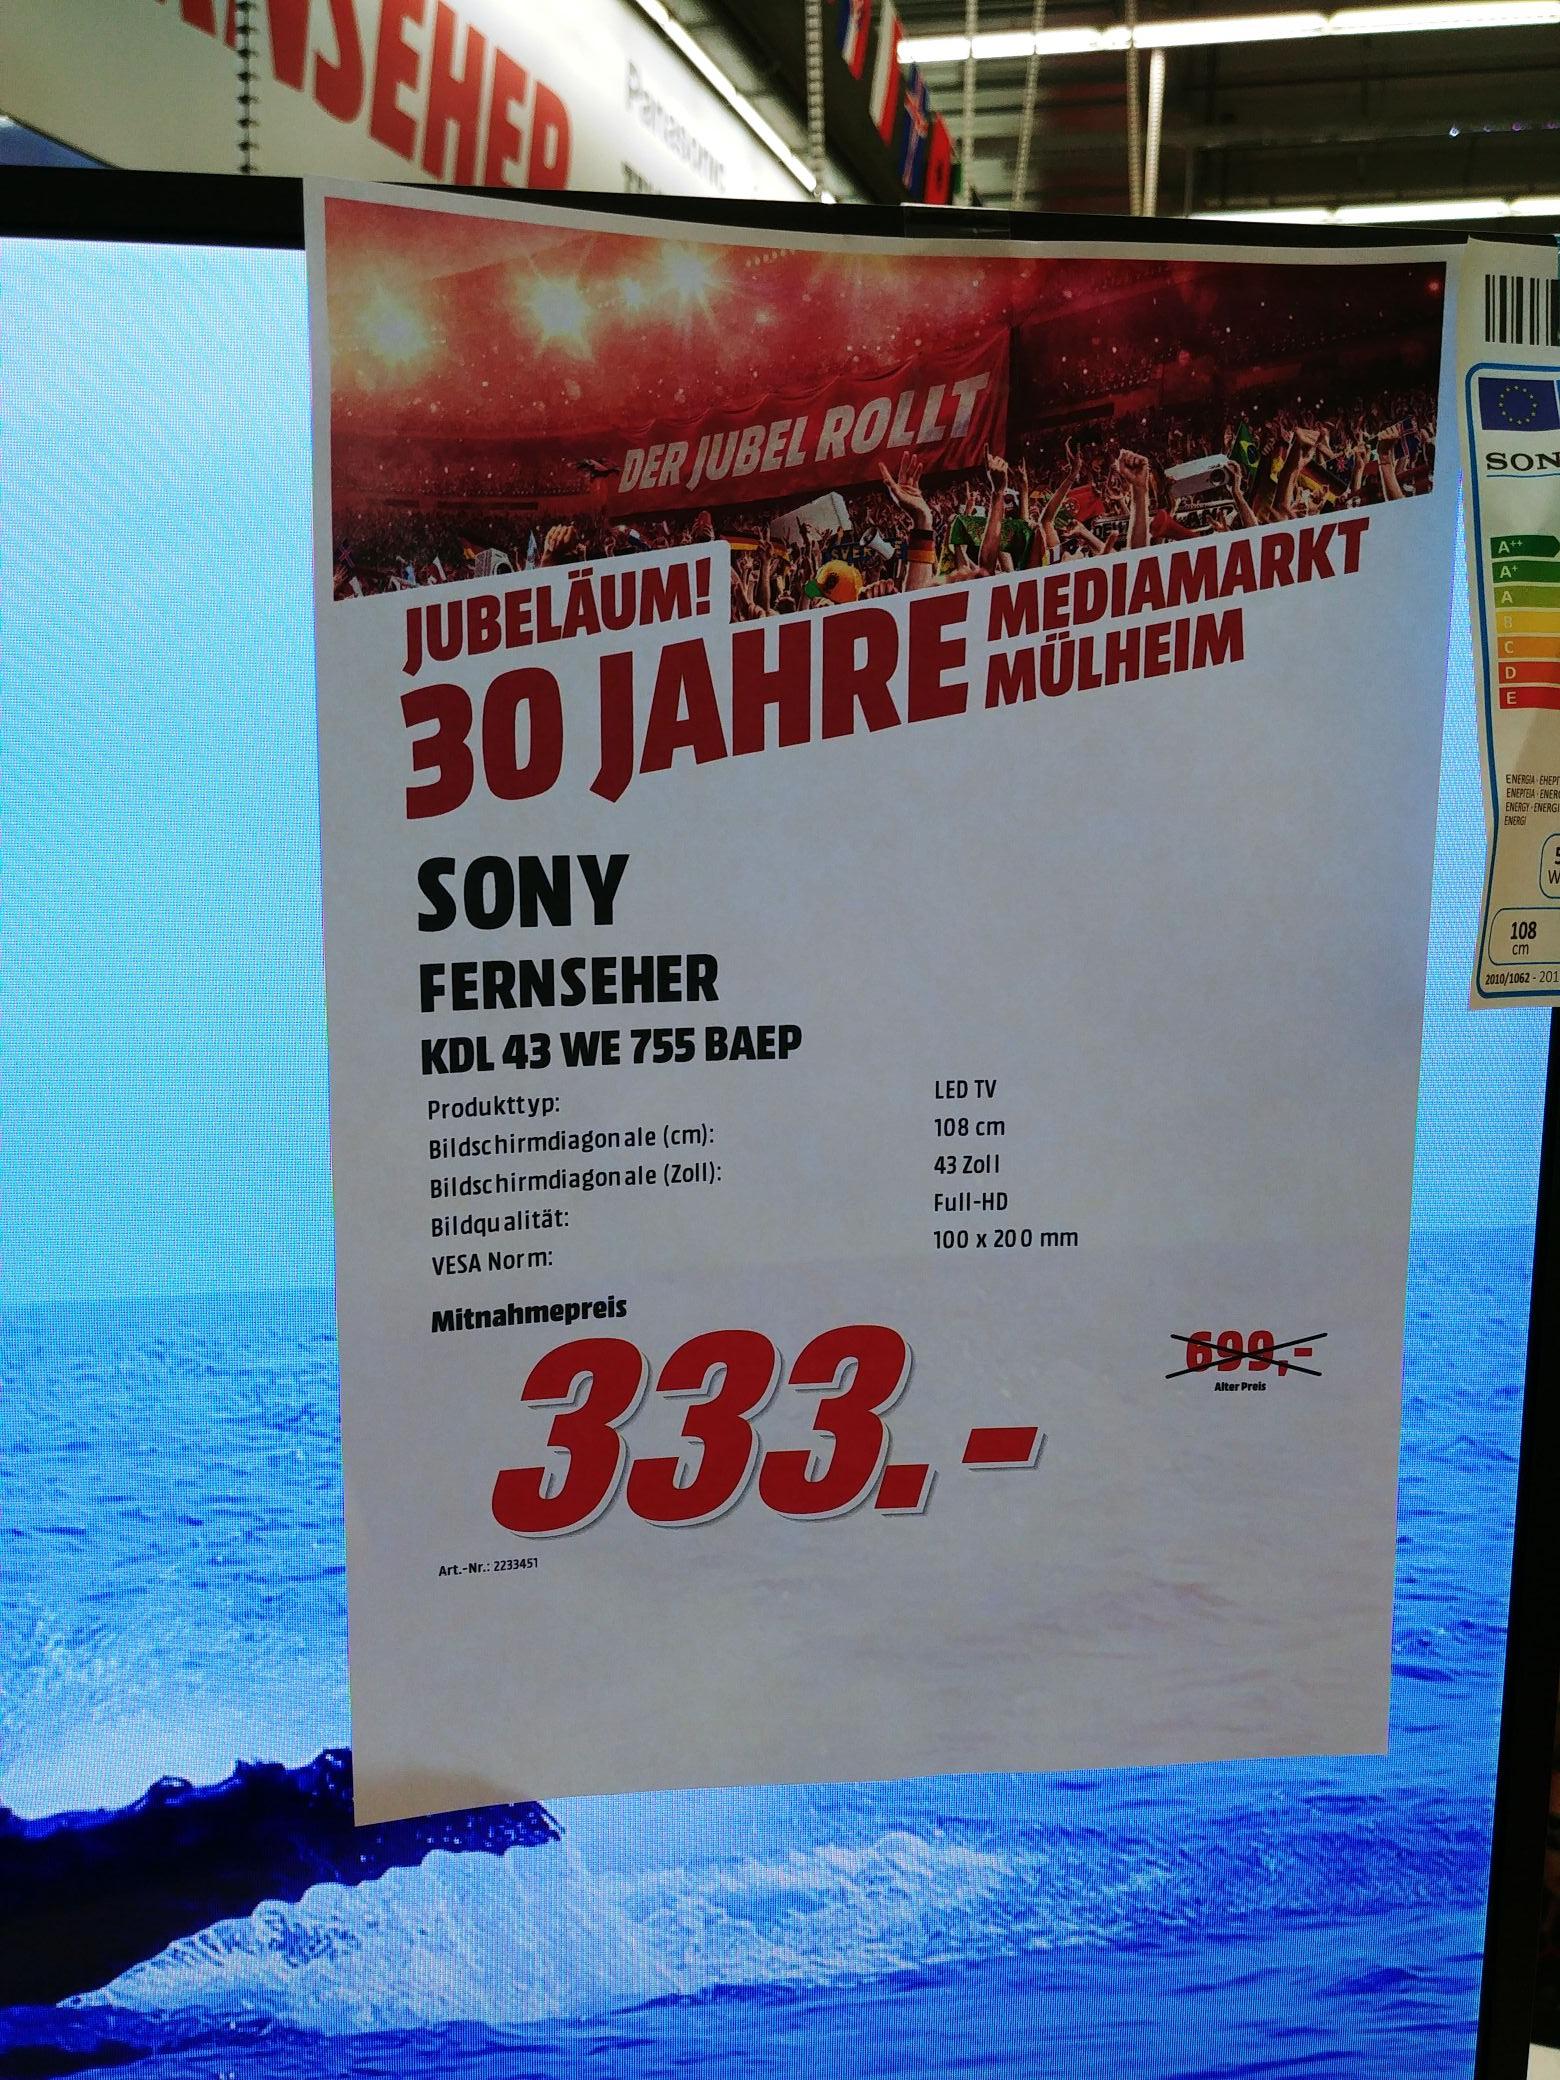 Sony KDL-43 WE 755 BAEP im Media Markt Mülheim/Ruhr